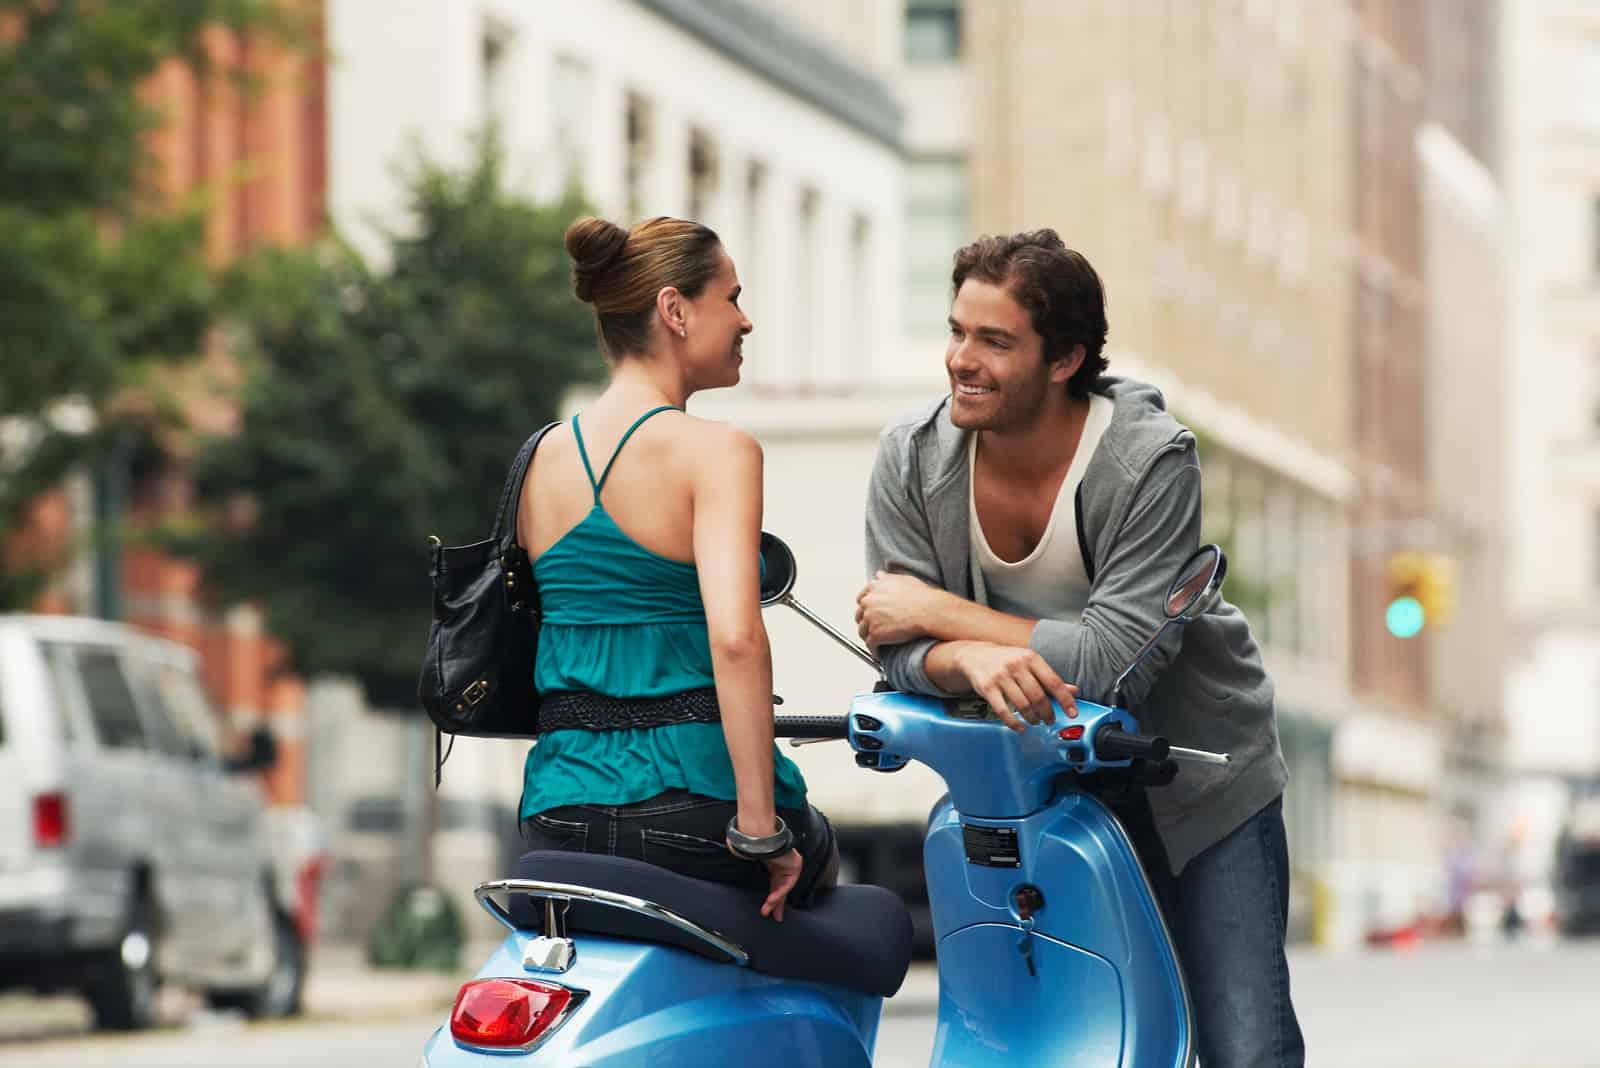 Femme sur cyclomoteur parler homme dans rue